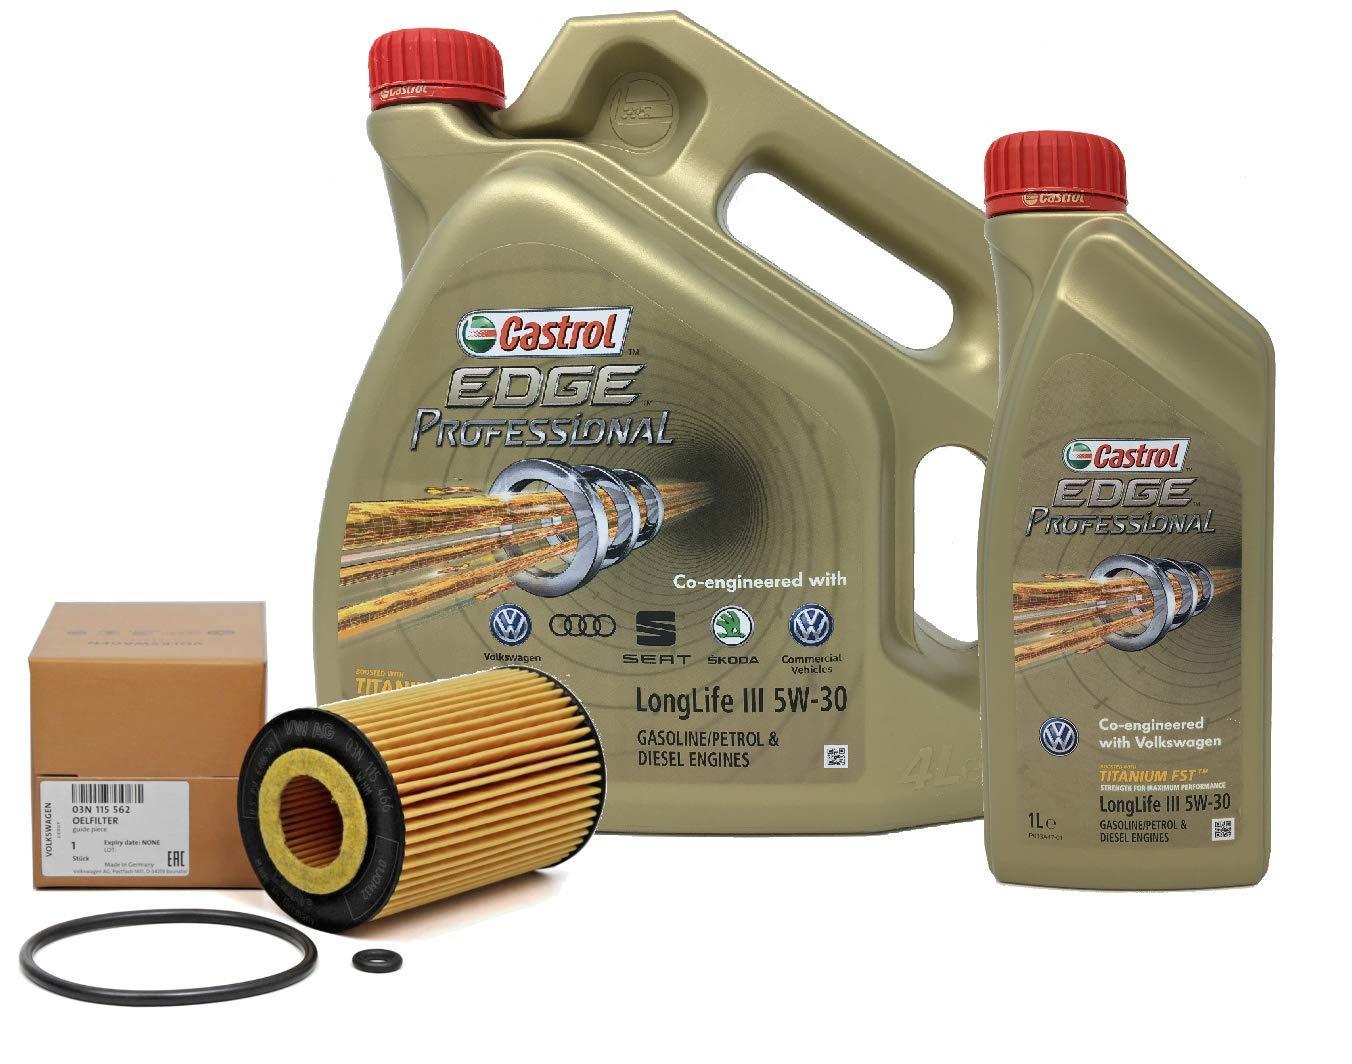 0 L Filtro de aceite Filtro aceite de Motor 03N115562 Audi Original A6 2